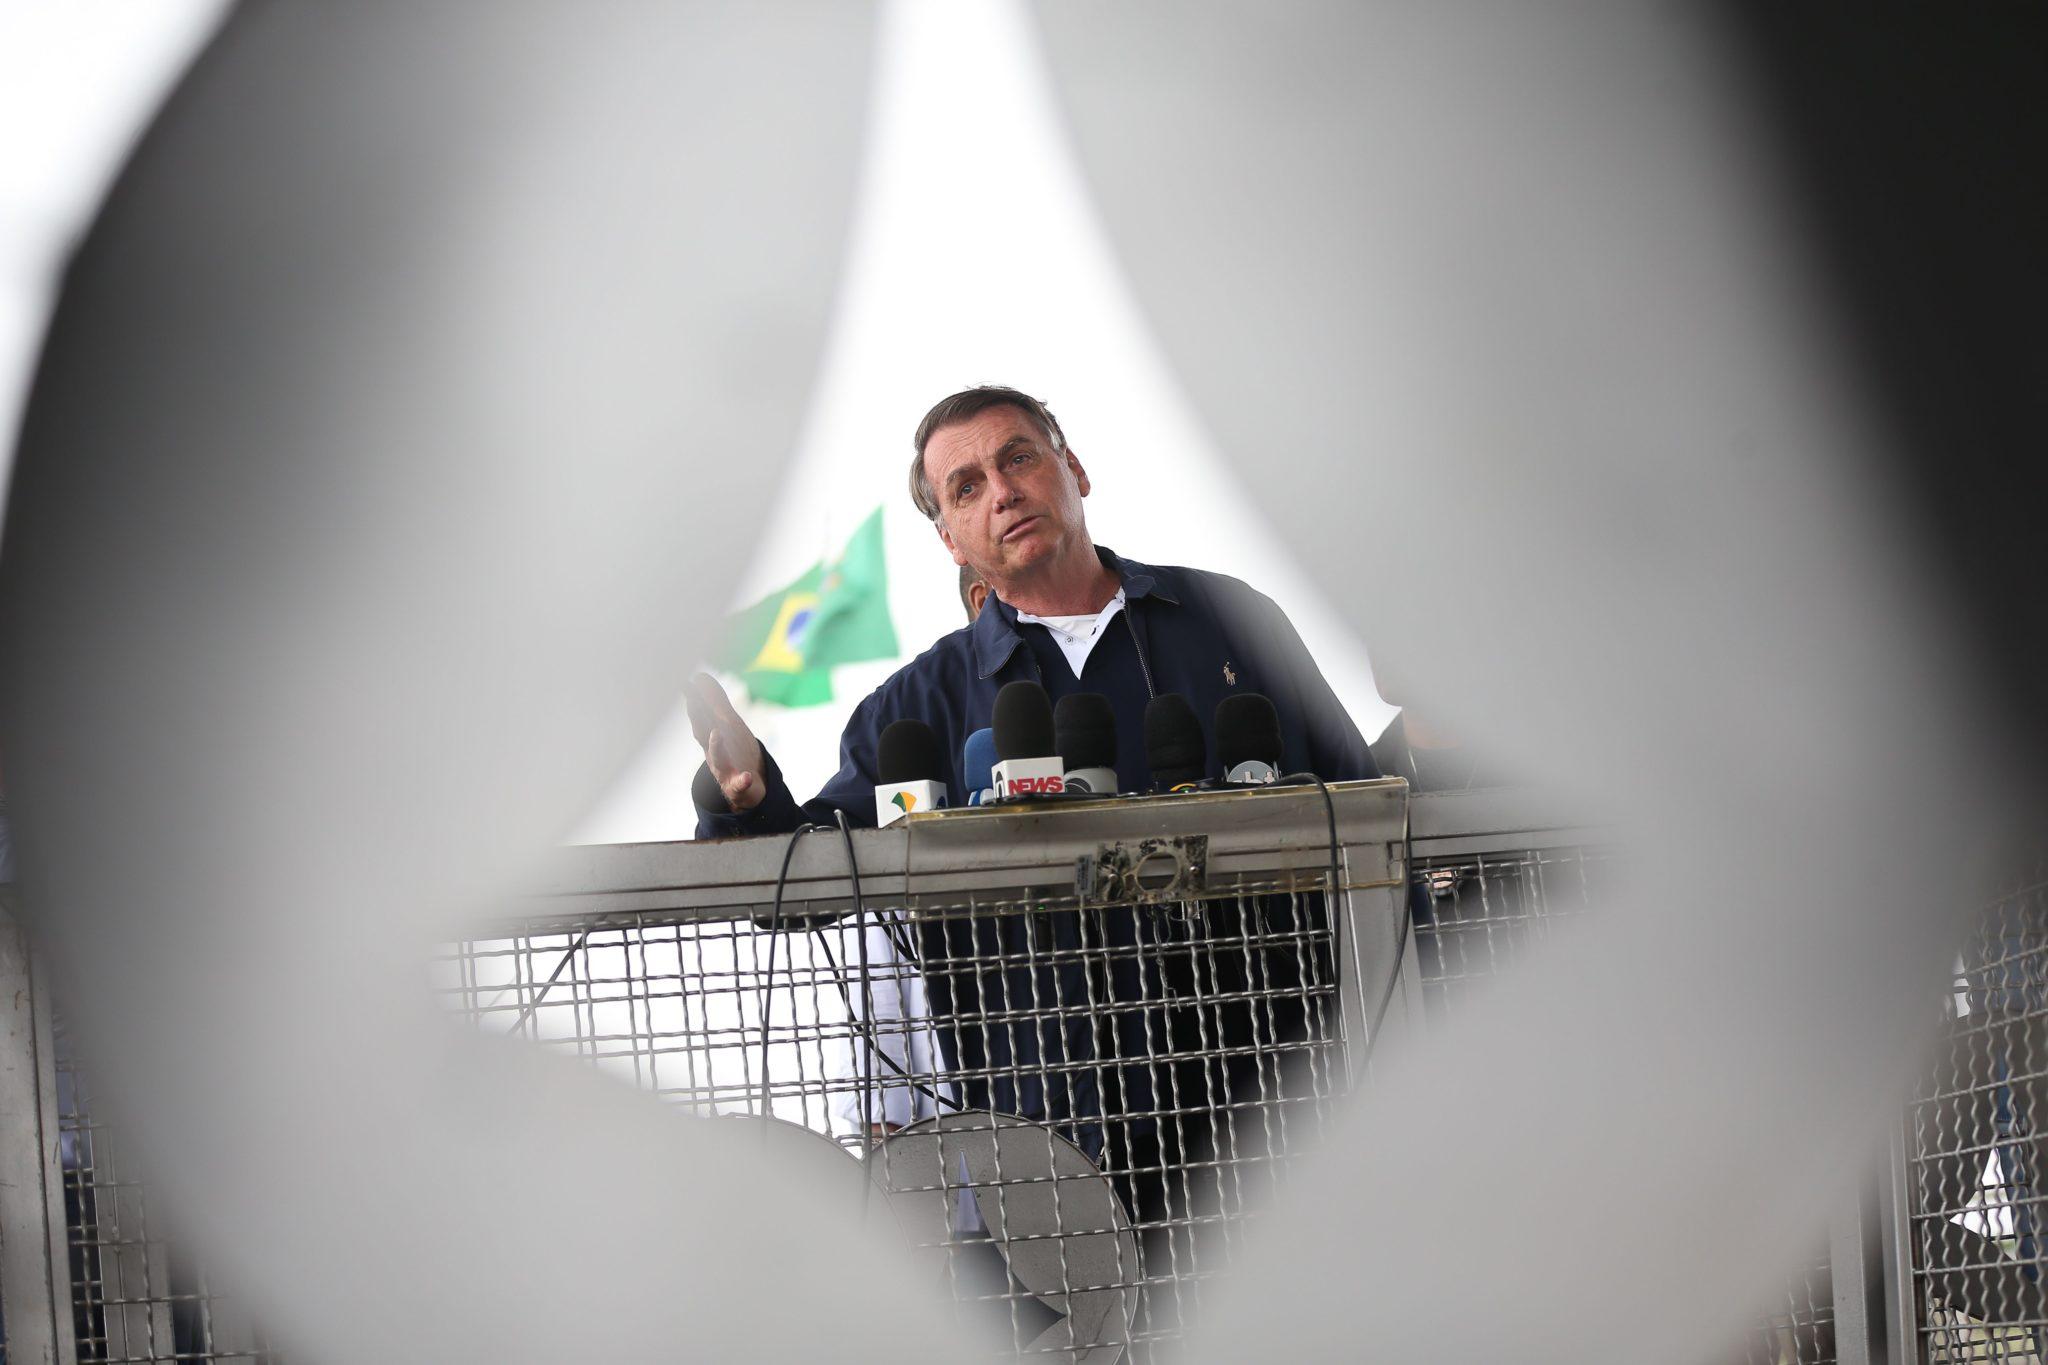 President Jair Bolsonaro political quarantine